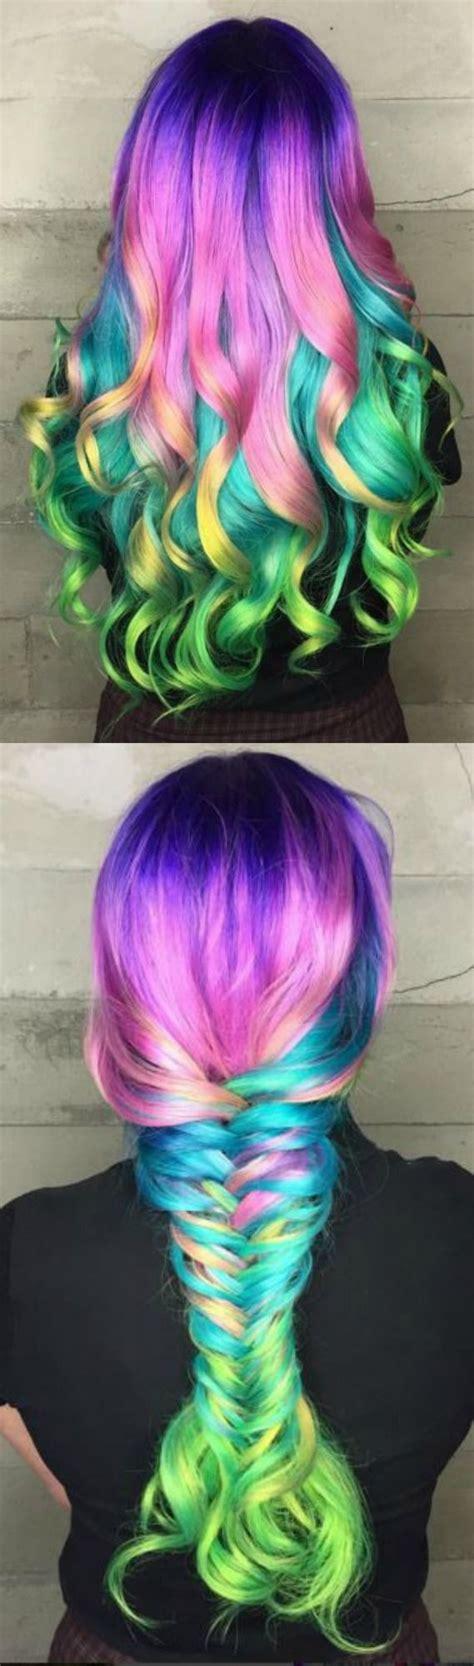 Multi Color Hairstyles by P I N T E R E S T Yourstrulykitkat H A I R